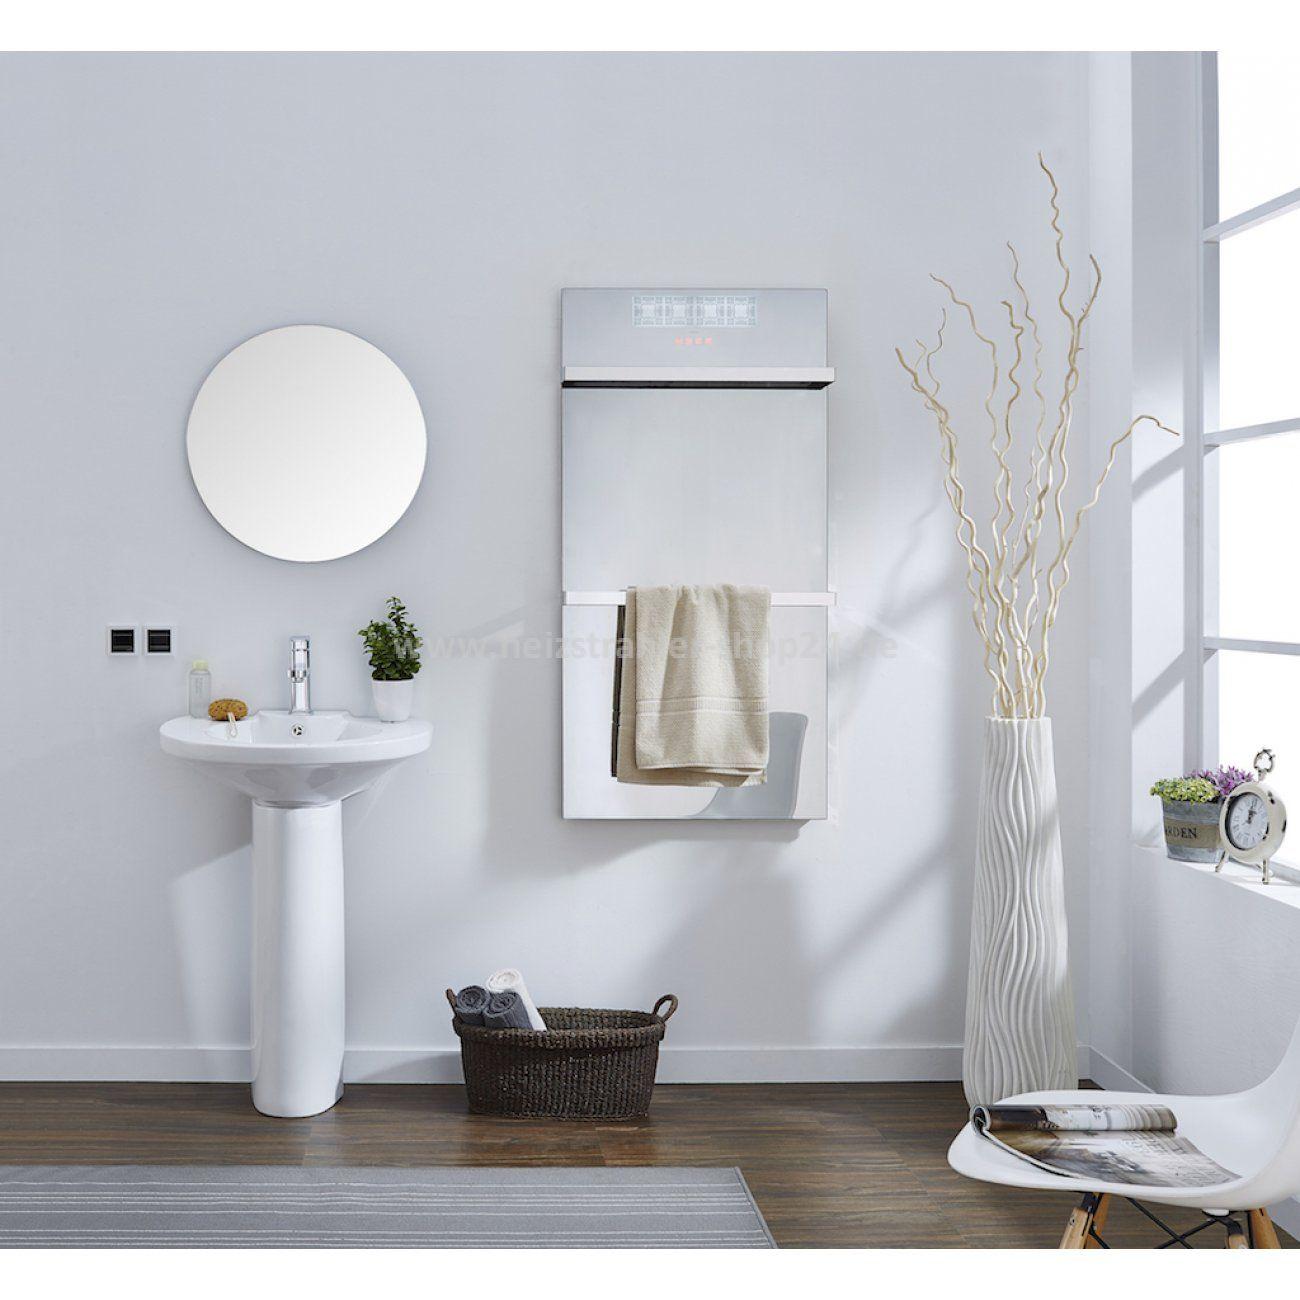 Suninx Spiegelheizung Von Infralia Spiegelheizung Infrarotheizung Spiegel